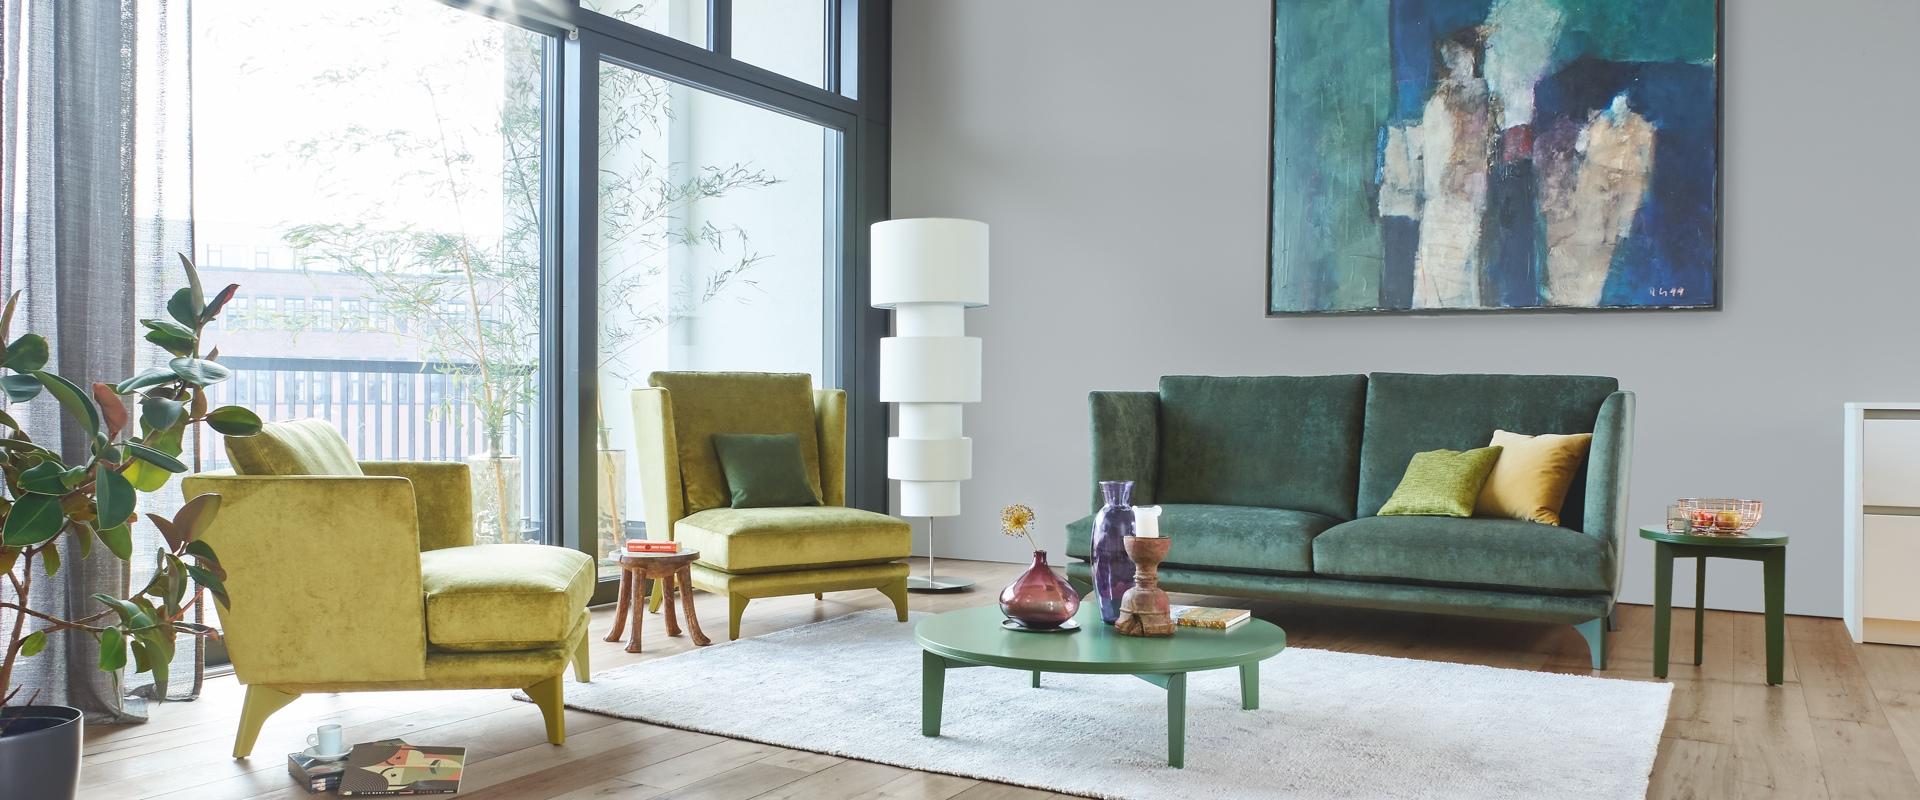 Das Sofa Polo Lounge von BW Bielefelder Werkstätten finden Sie bei Hans G. Bock.